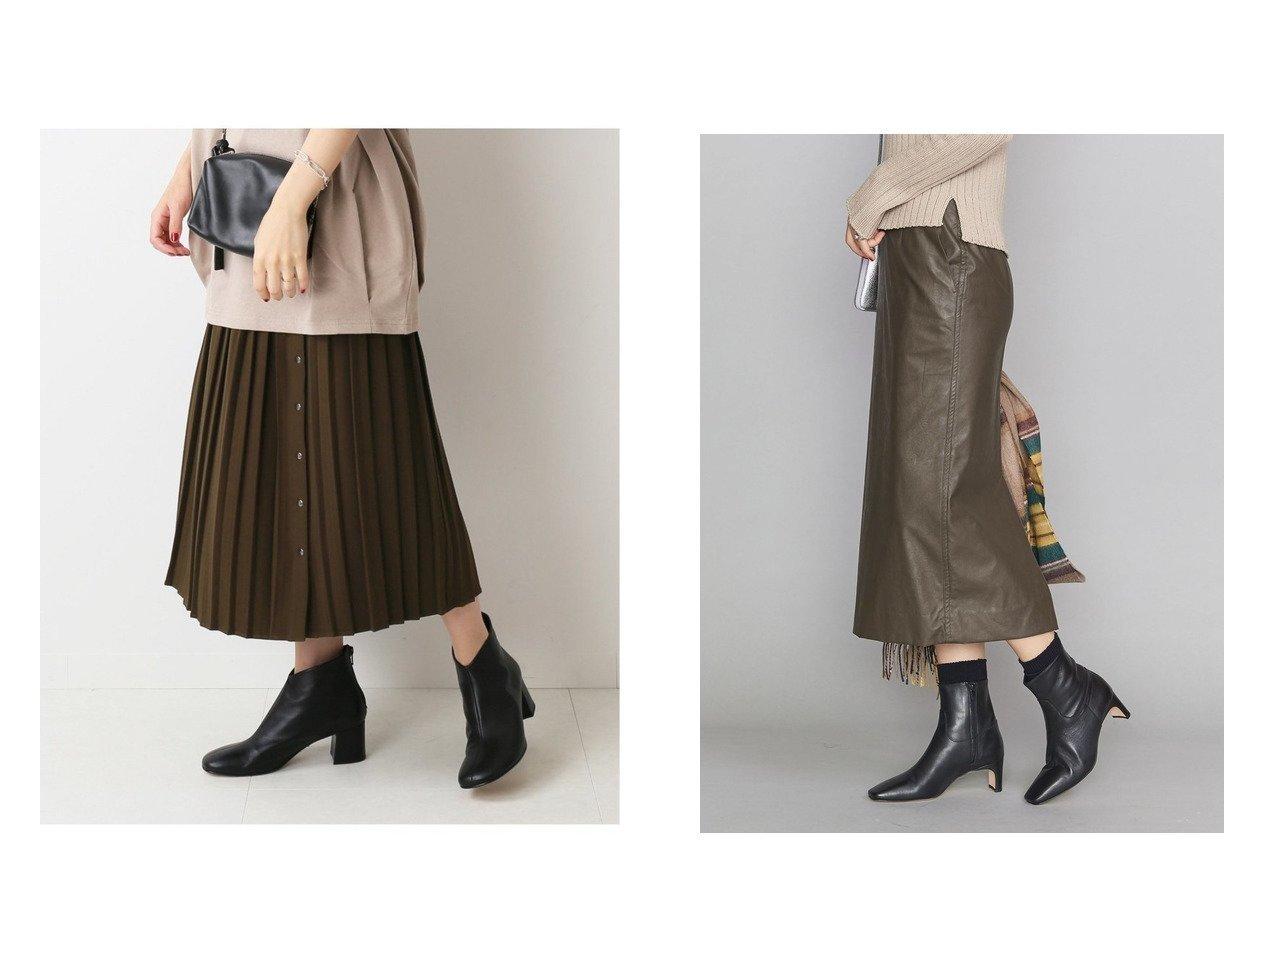 【BEAUTY&YOUTH UNITED ARROWS/ビューティアンド ユースユナイテッドアローズ】のBY フェイクレザータイトスカート&【JOURNAL STANDARD relume/ジャーナルスタンダード レリューム】のオープンフロントプリーツSK スカートのおすすめ!人気、トレンド・レディースファッションの通販 おすすめで人気の流行・トレンド、ファッションの通販商品 メンズファッション・キッズファッション・インテリア・家具・レディースファッション・服の通販 founy(ファニー) https://founy.com/ ファッション Fashion レディースファッション WOMEN スカート Skirt プリーツスカート Pleated Skirts ギャザー フロント プリーツ A/W 秋冬 AW Autumn/Winter / FW Fall-Winter スマート スリット タイトスカート フェイクレザー |ID:crp329100000013410